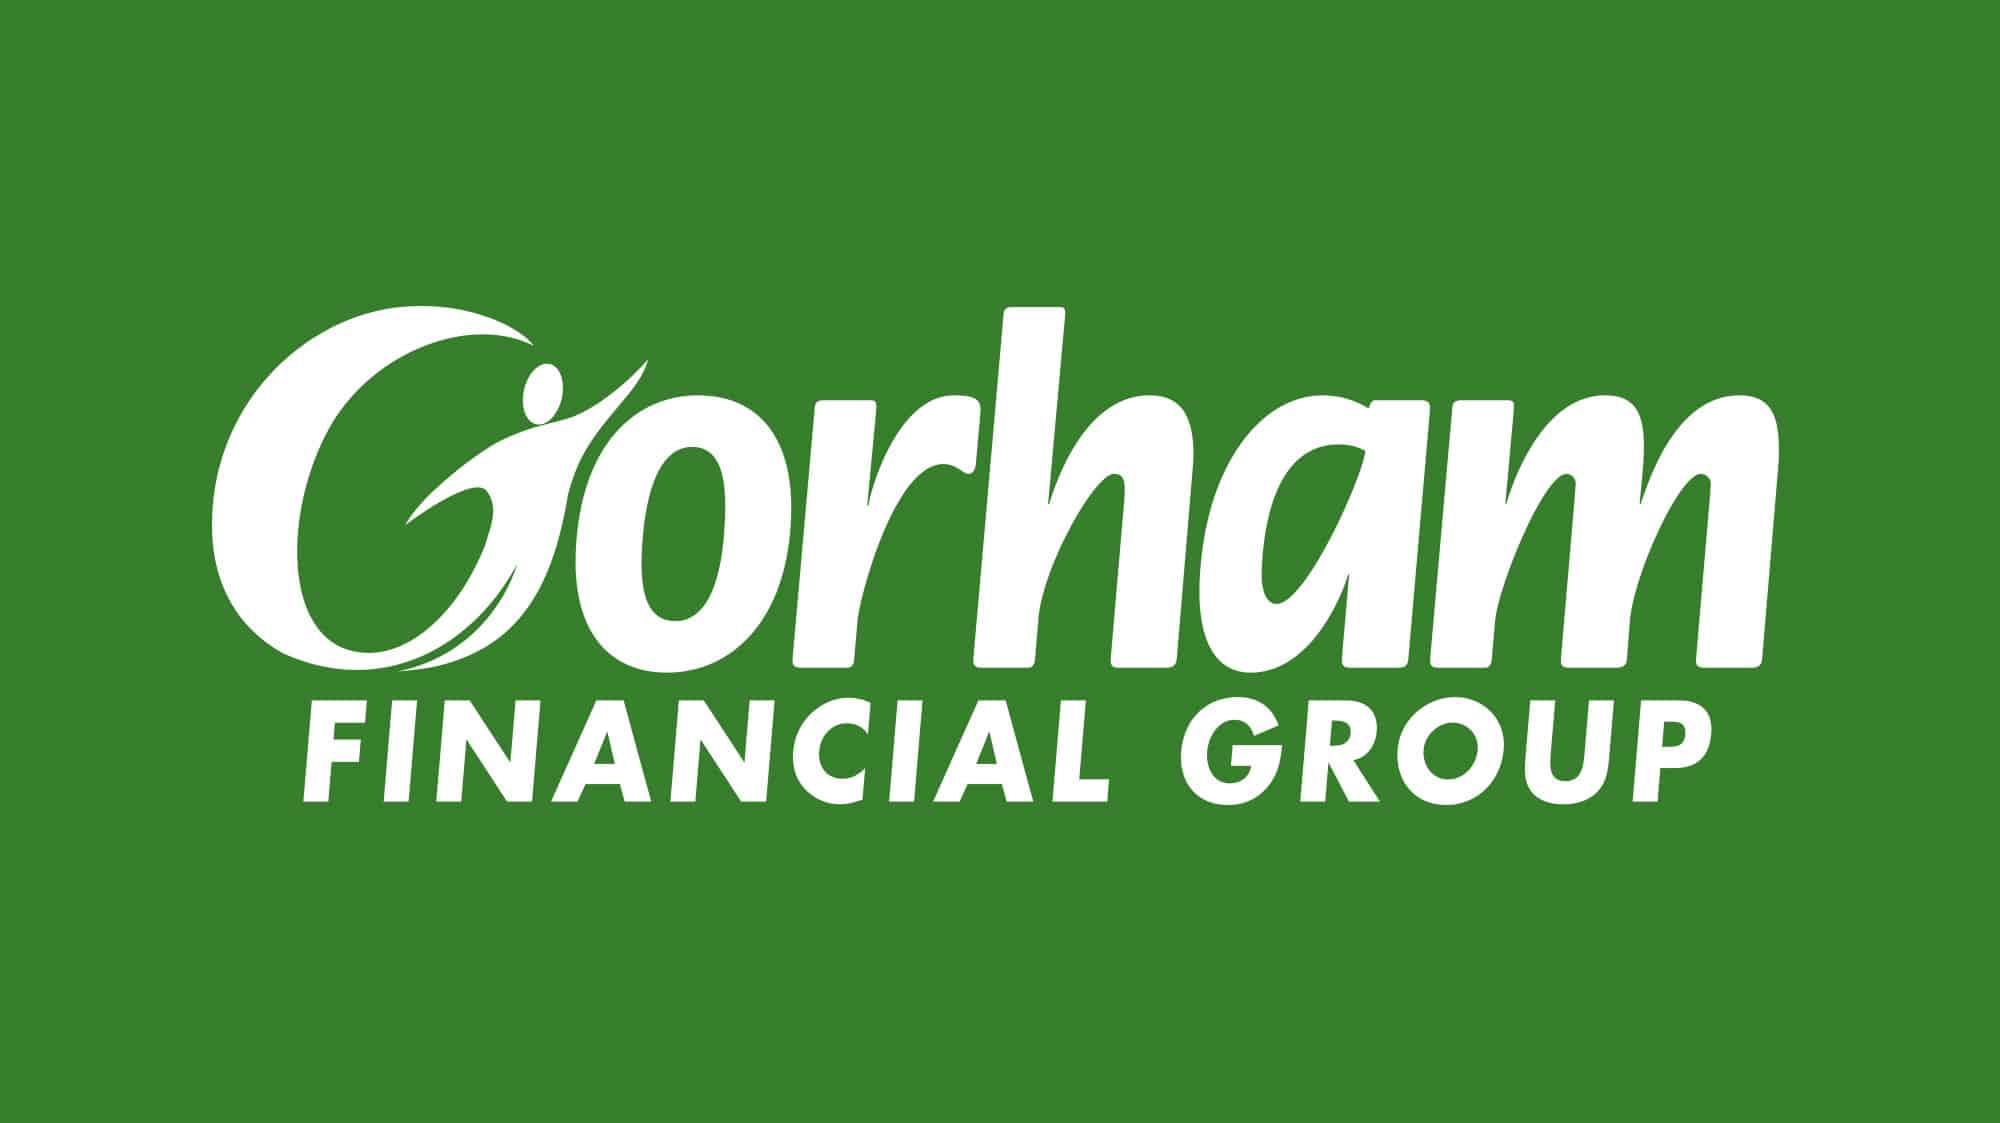 Gorham Savings Bank Financial Group